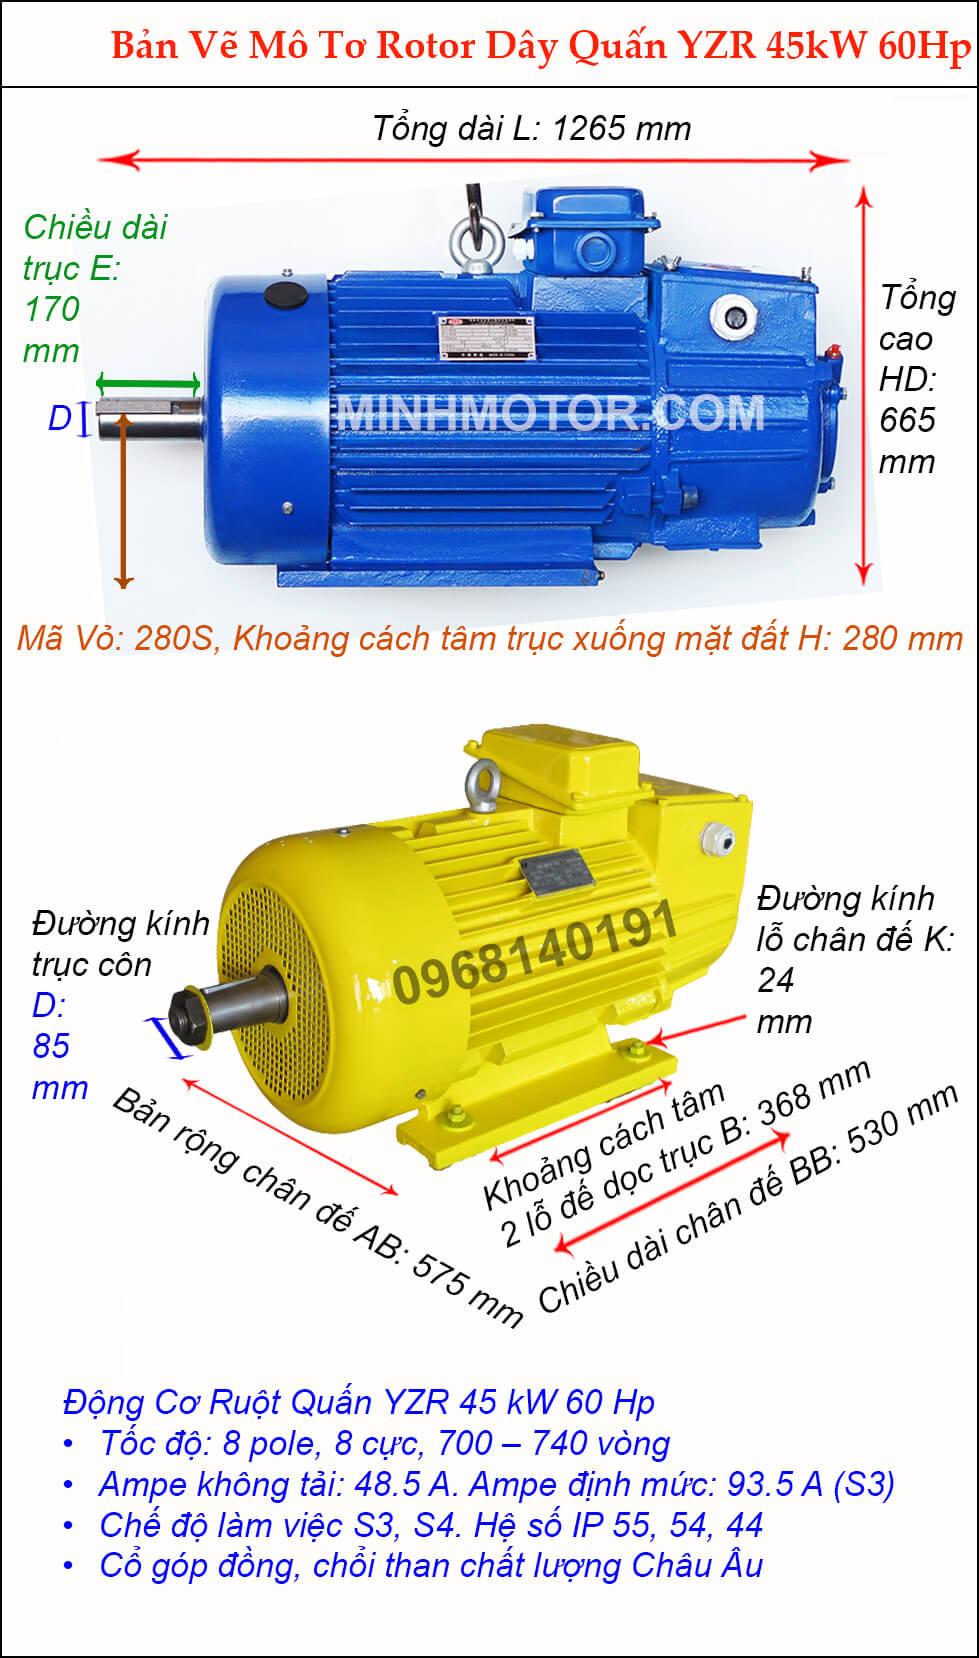 Motor ruột quấn 45 kw 60 HP 8 cực điện 700 vòng phút